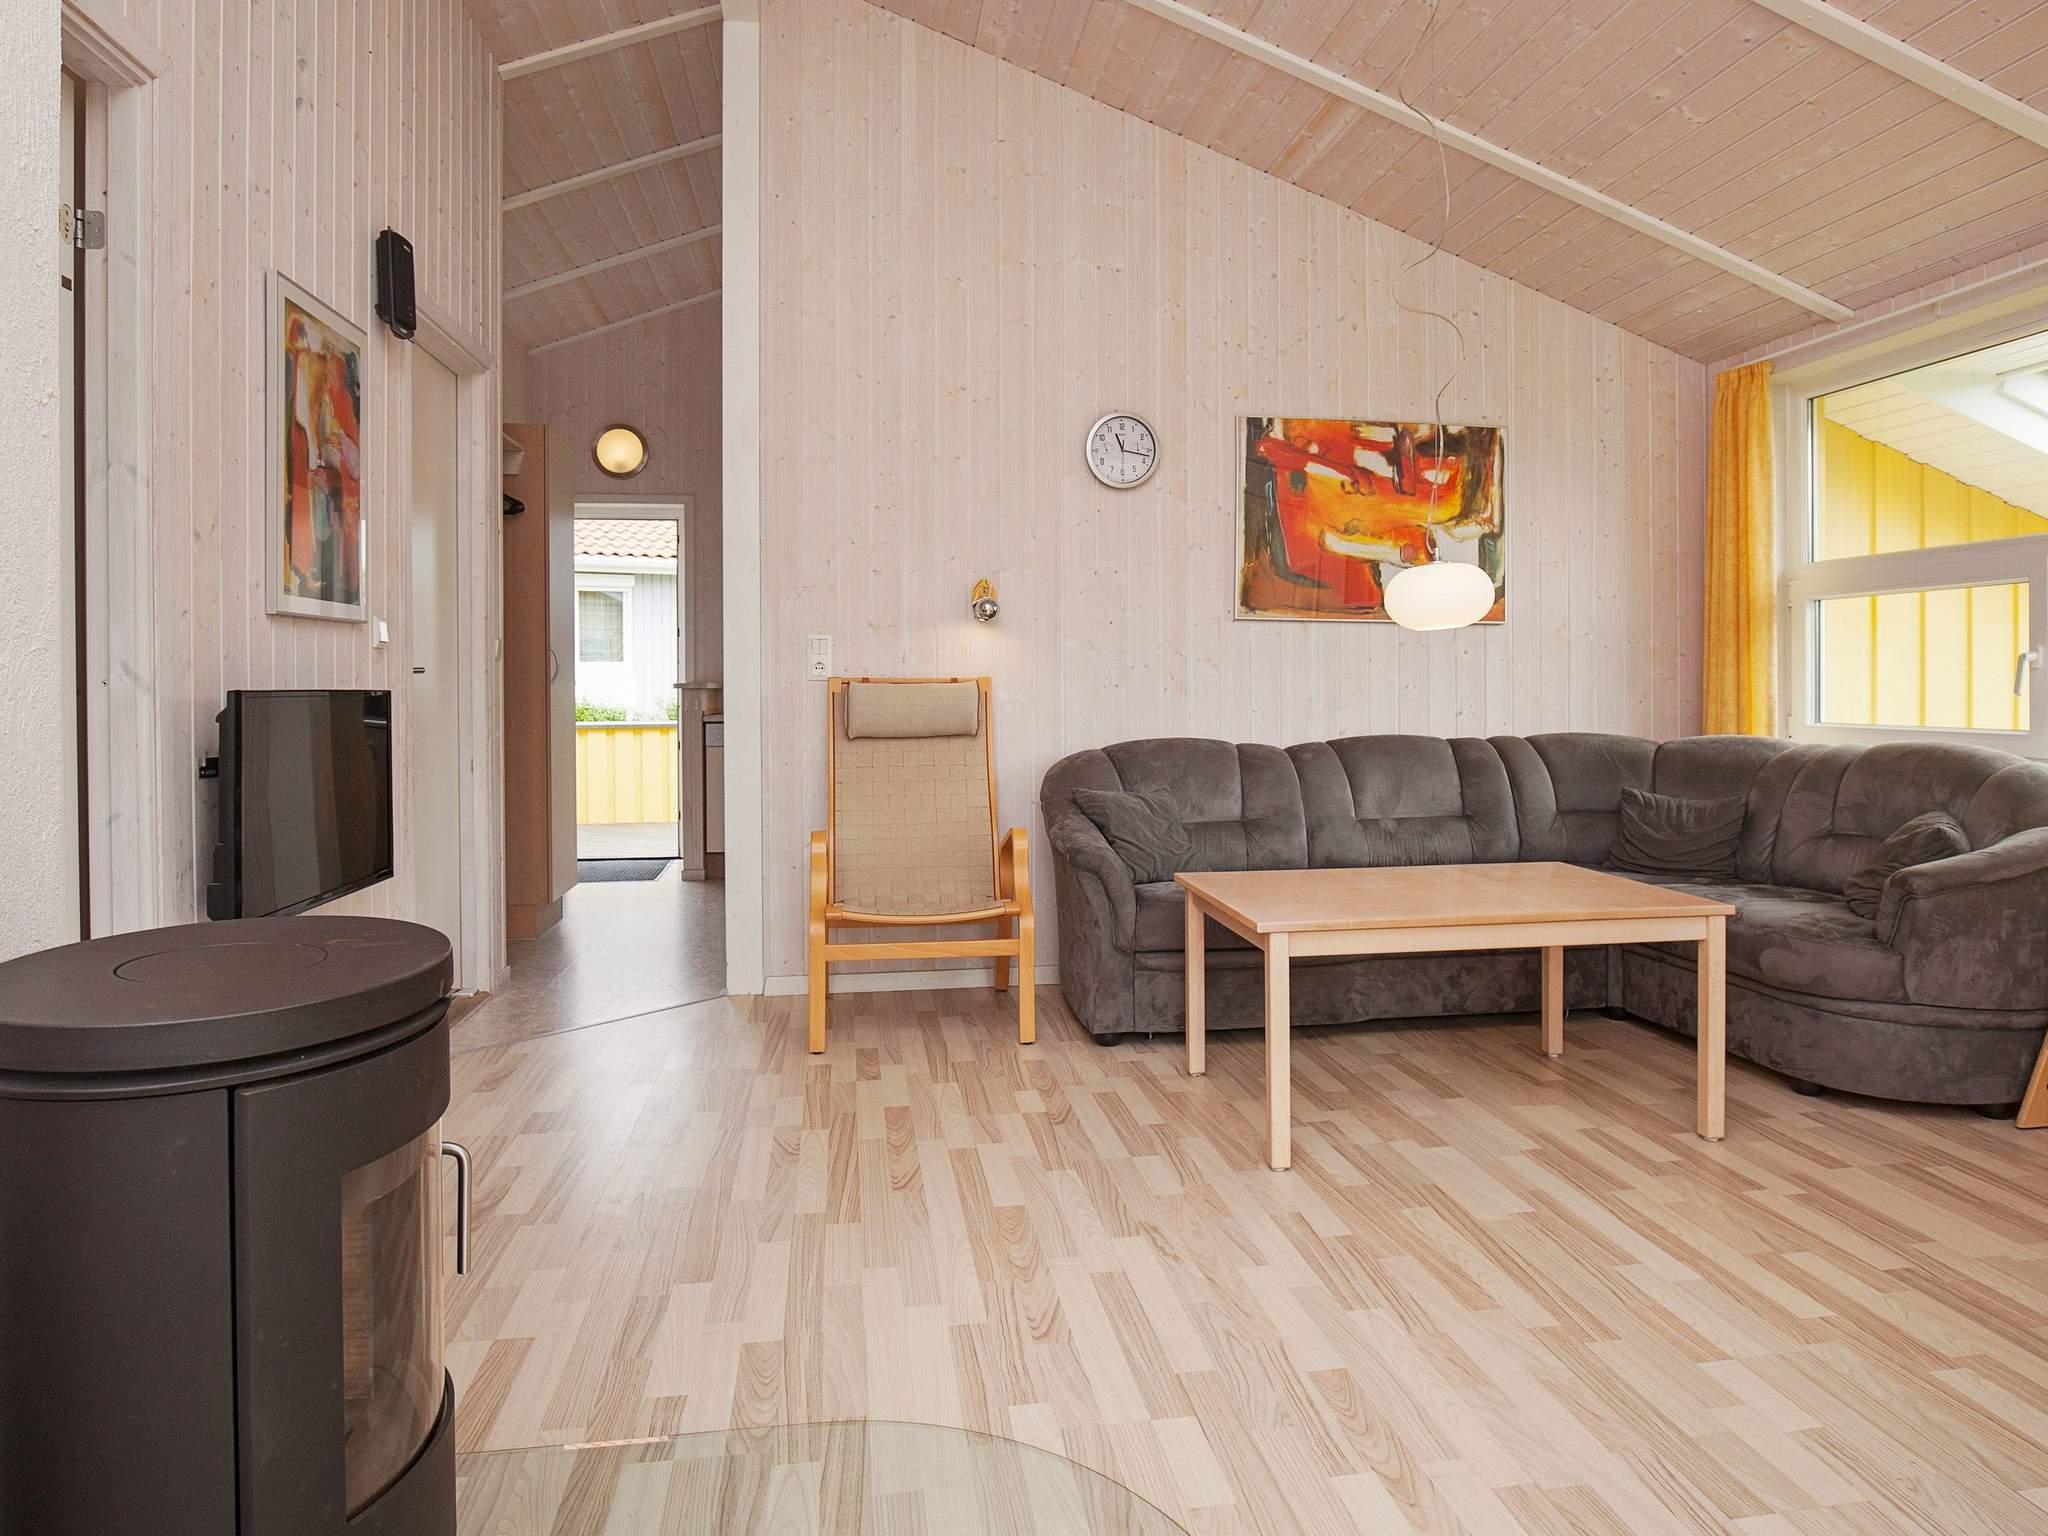 Maison de vacances Grömitz (359058), Grömitz, Baie de Lübeck, Schleswig-Holstein, Allemagne, image 5